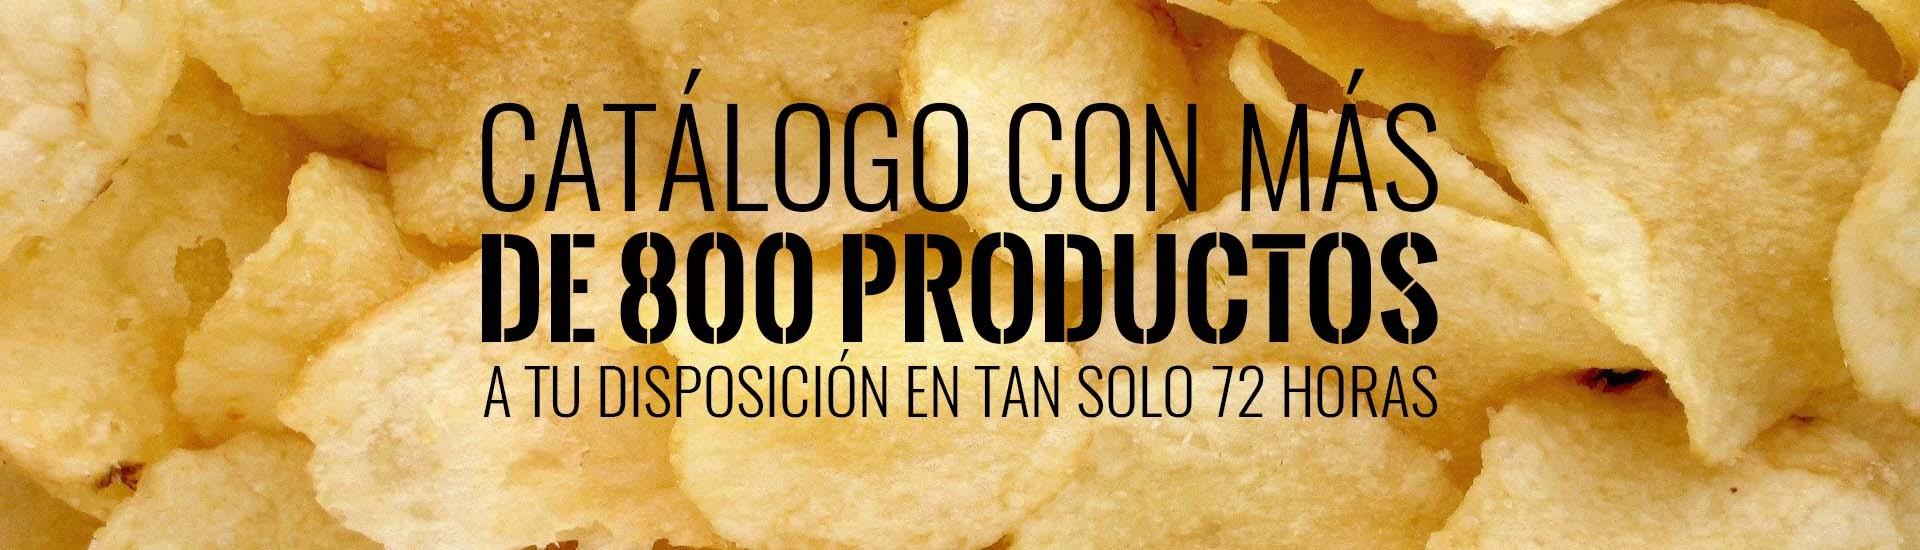 800 productos